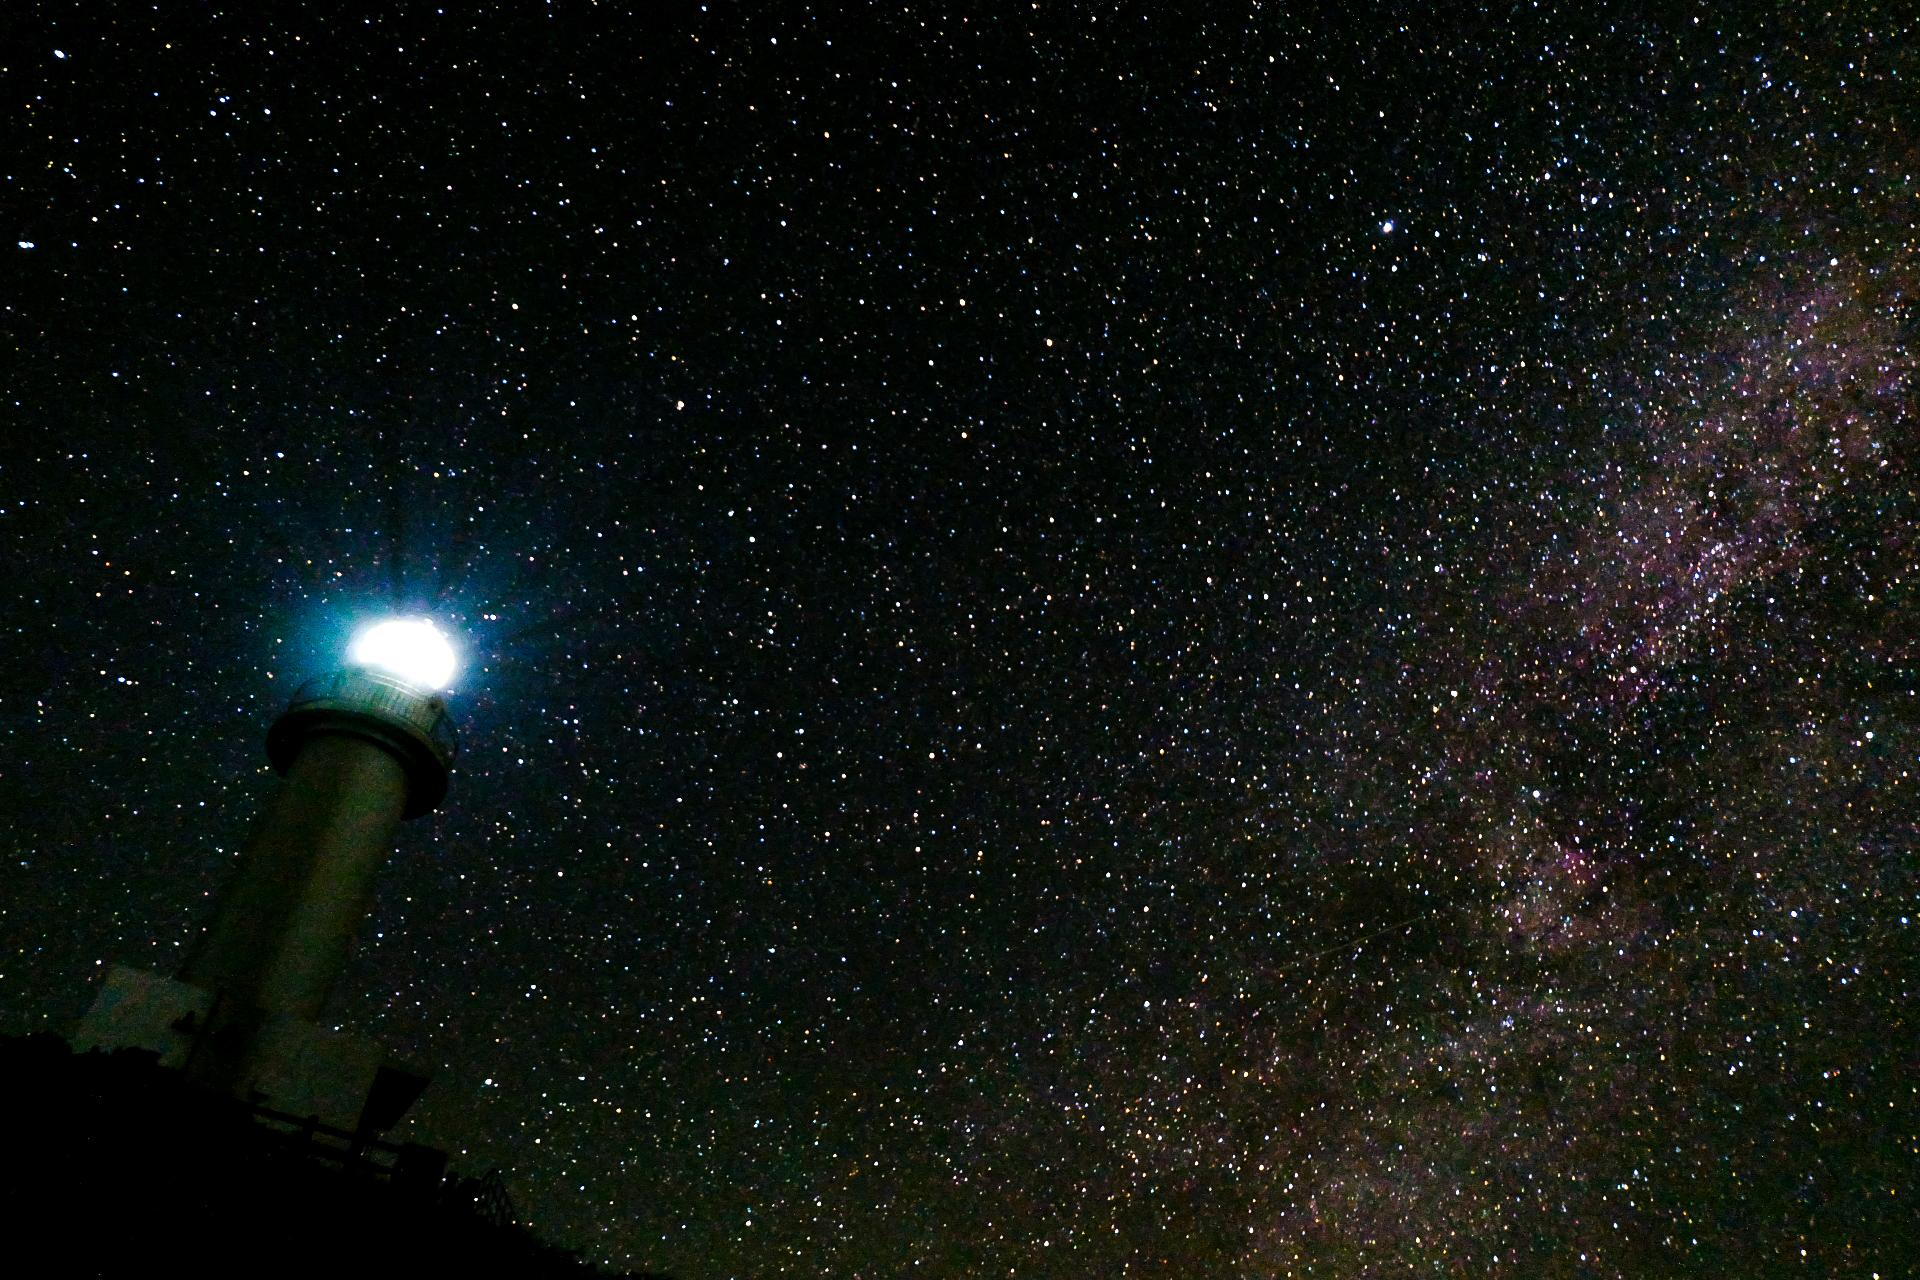 満天の星が広がる石垣島の夜空